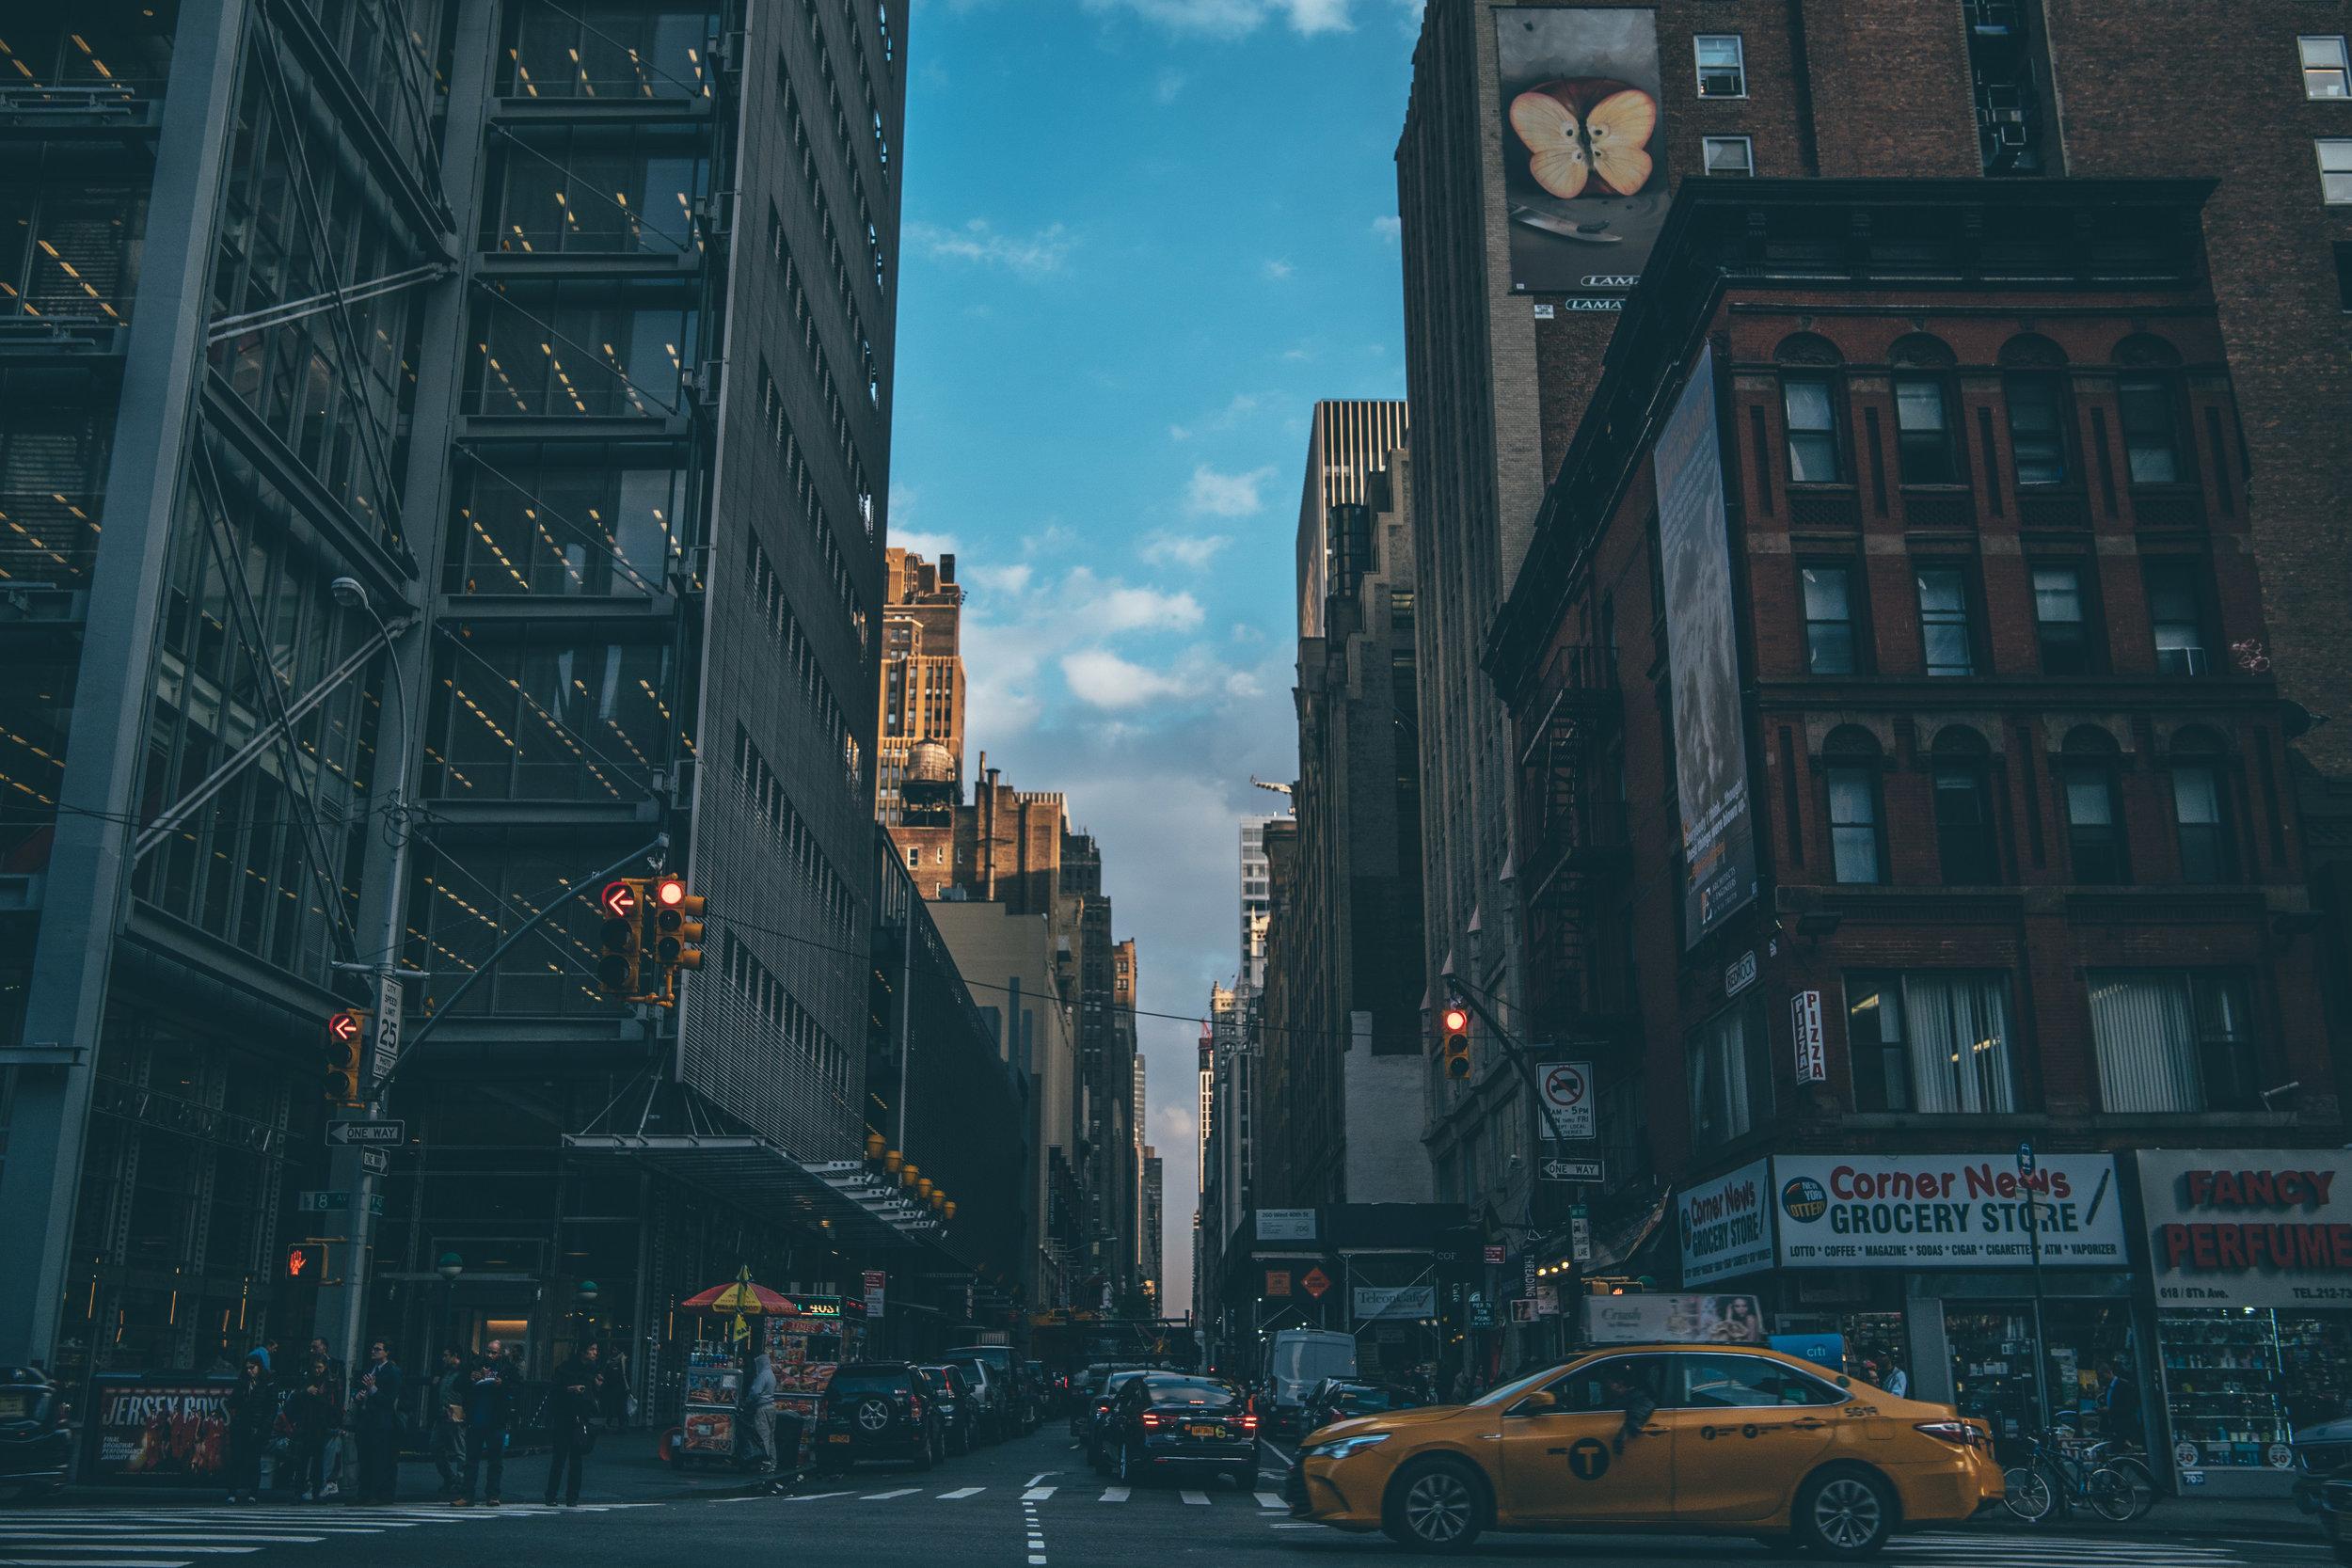 newyork-05164.jpg